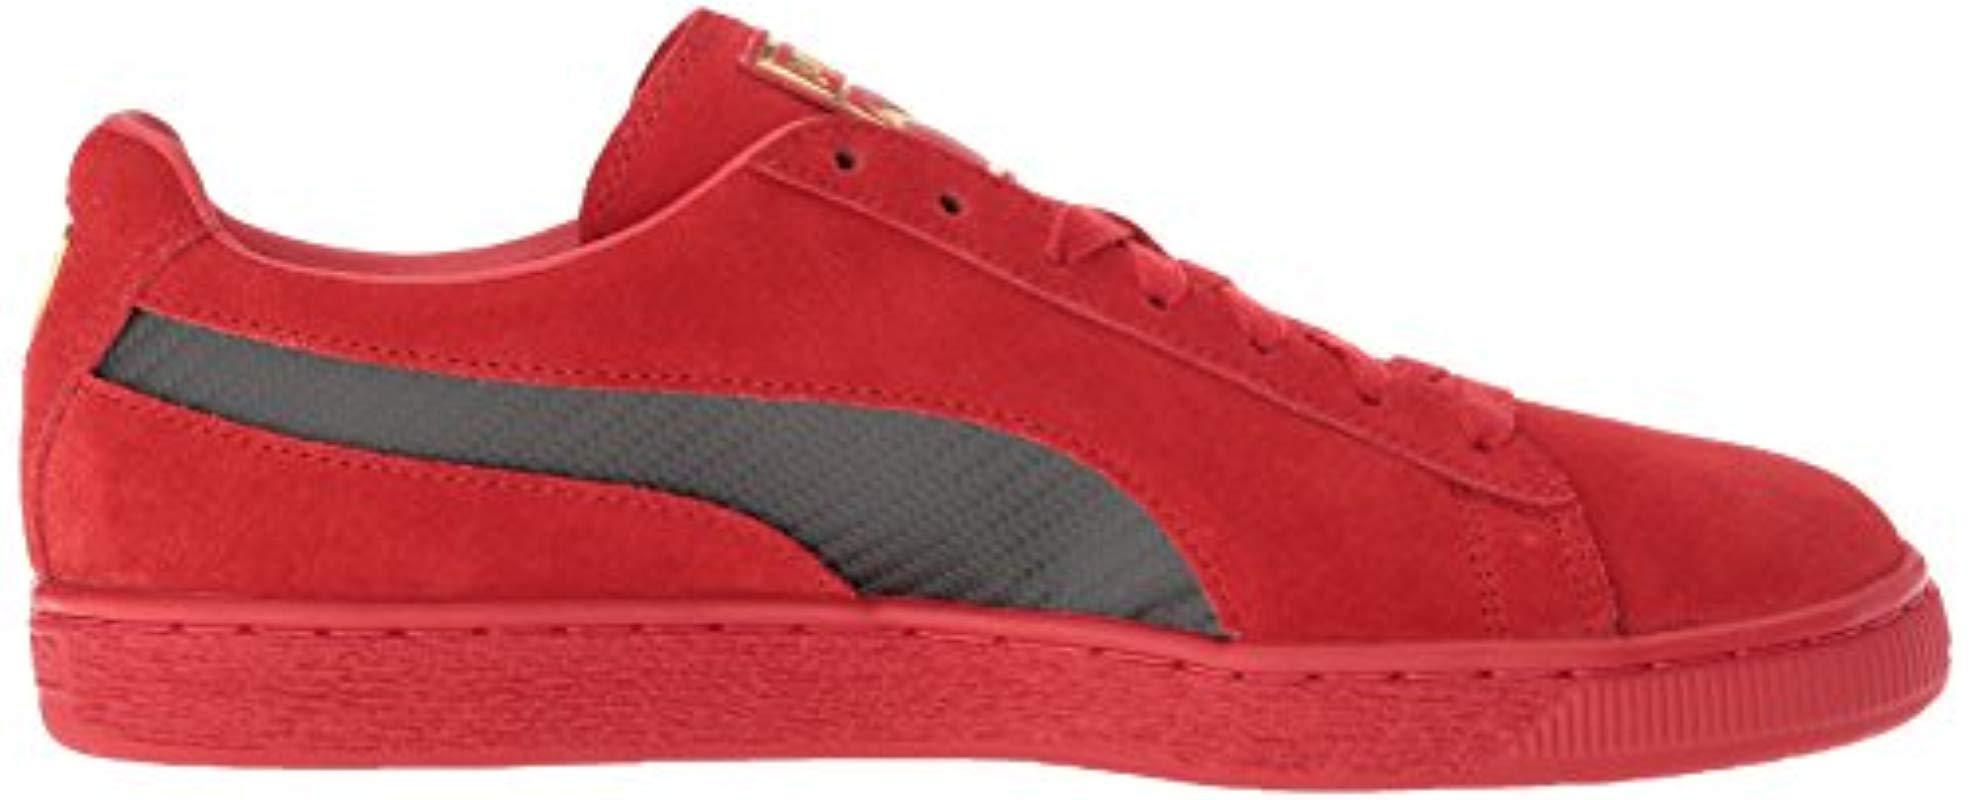 PUMA Ferrari Suede 50 Sneaker in Red